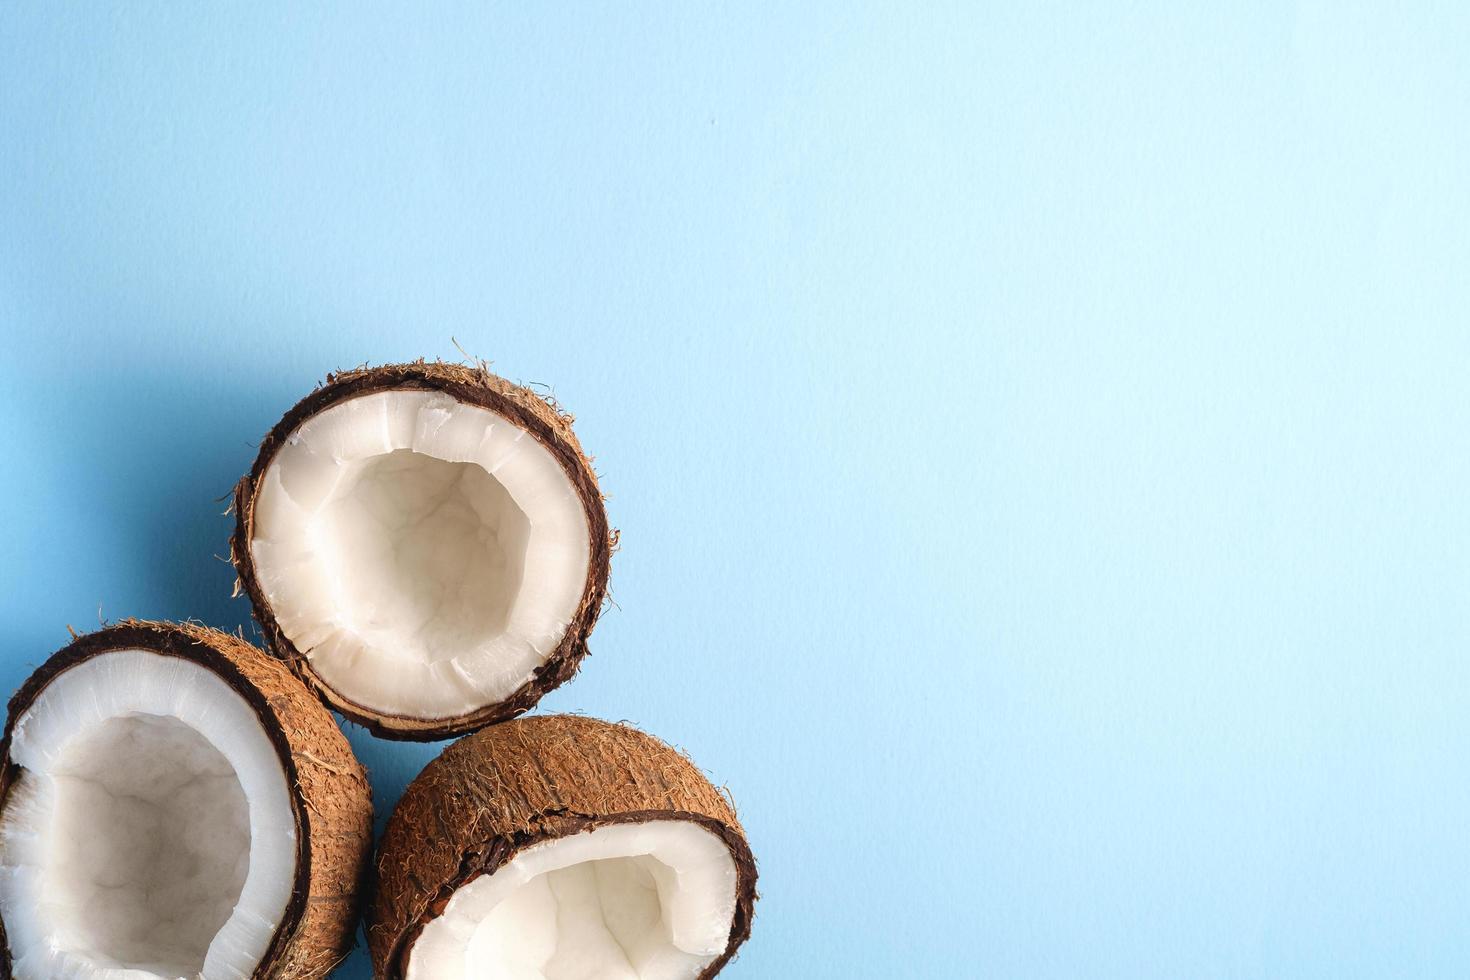 Kokosnüsse auf blauem lebendigem Hintergrund foto